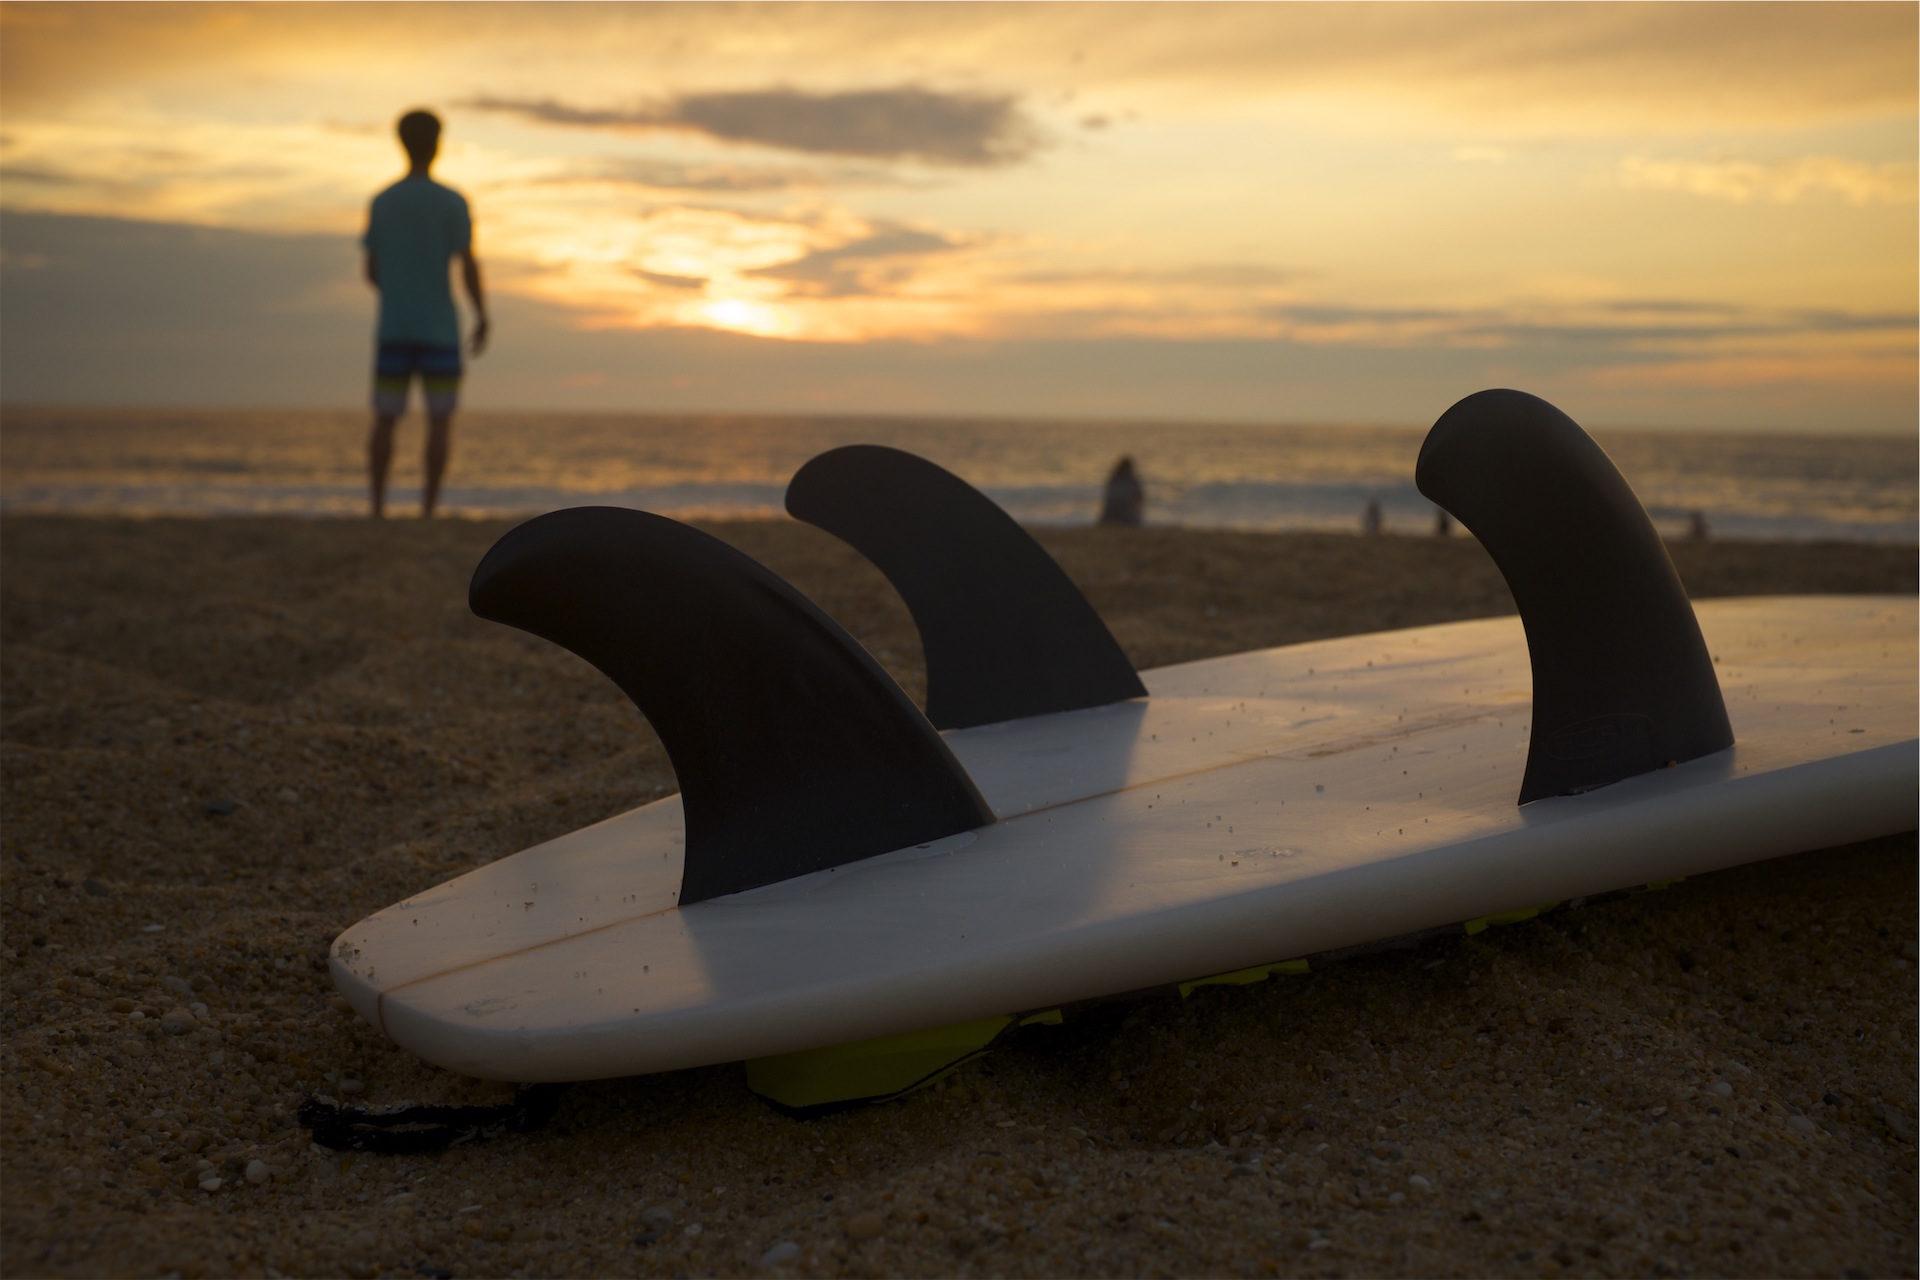 सर्फ, समुद्र तट, tabla, रेत, जोखिम - HD वॉलपेपर - प्रोफेसर-falken.com